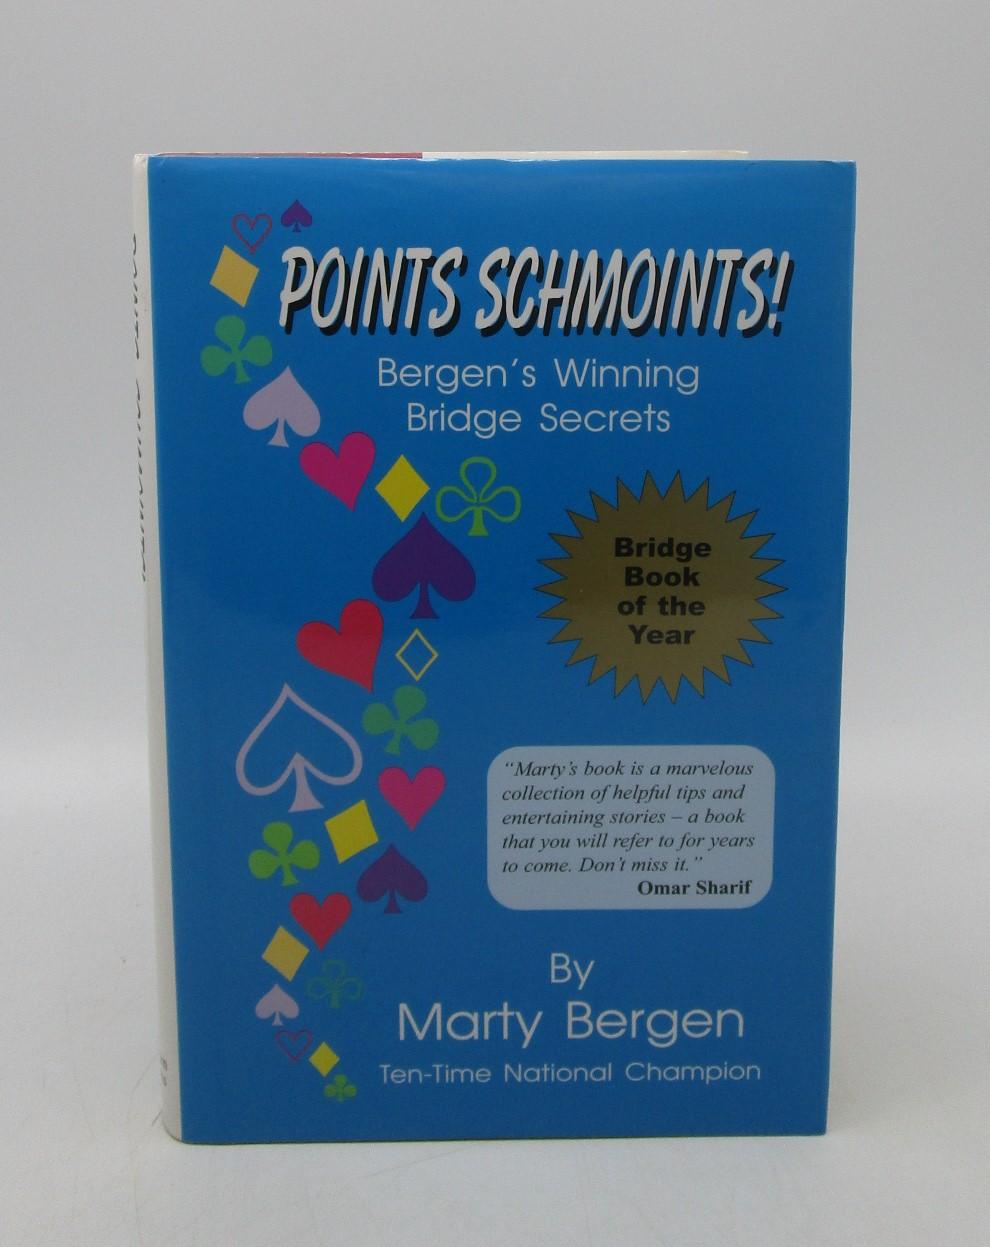 Image for Points Schmoints!: Bergen's Winning Bridge Secrets